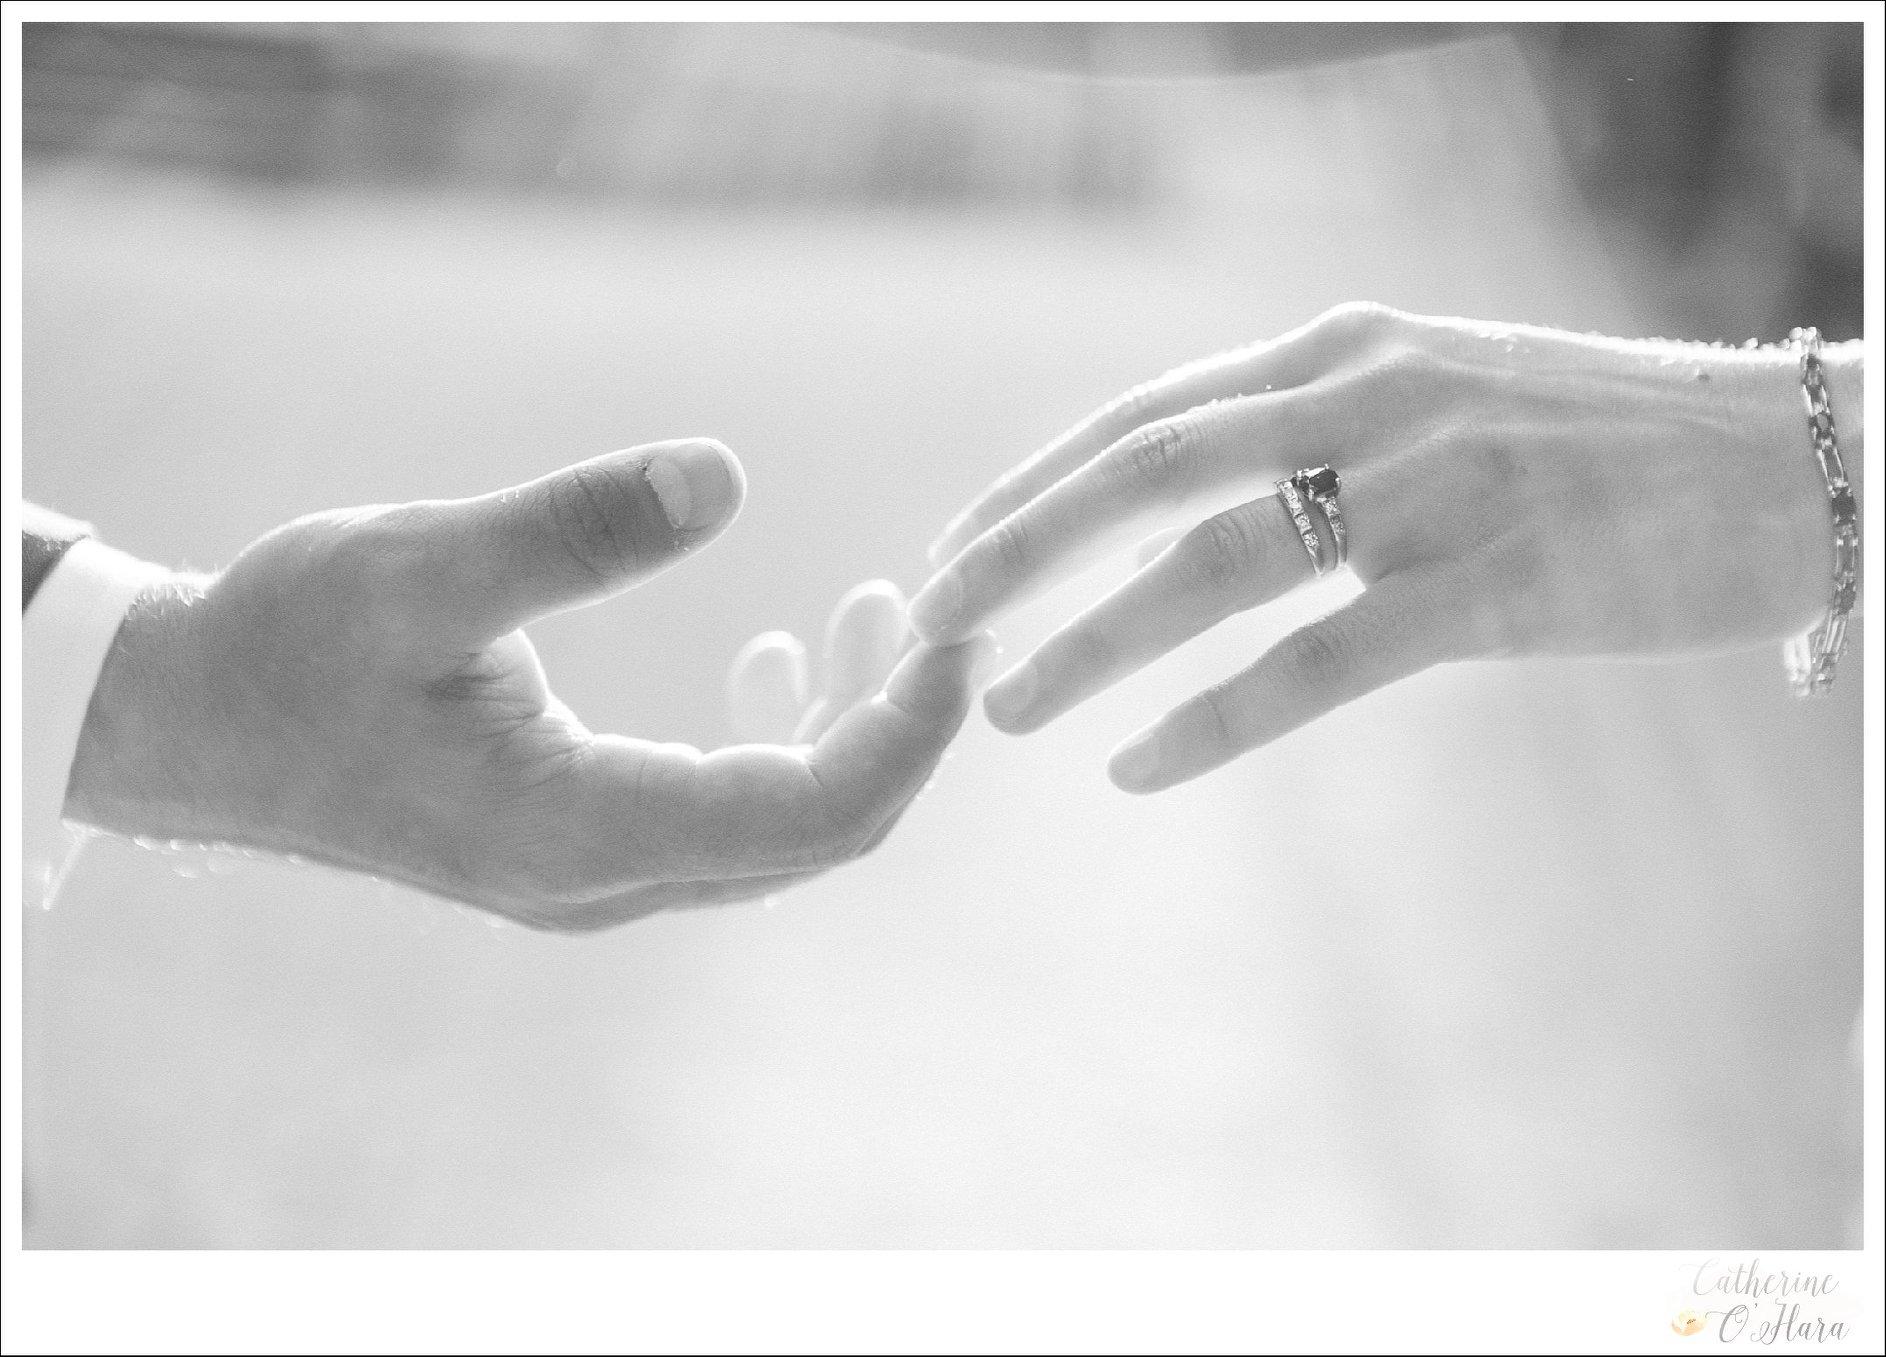 english speaking engagement photographer paris france.ring.jpg